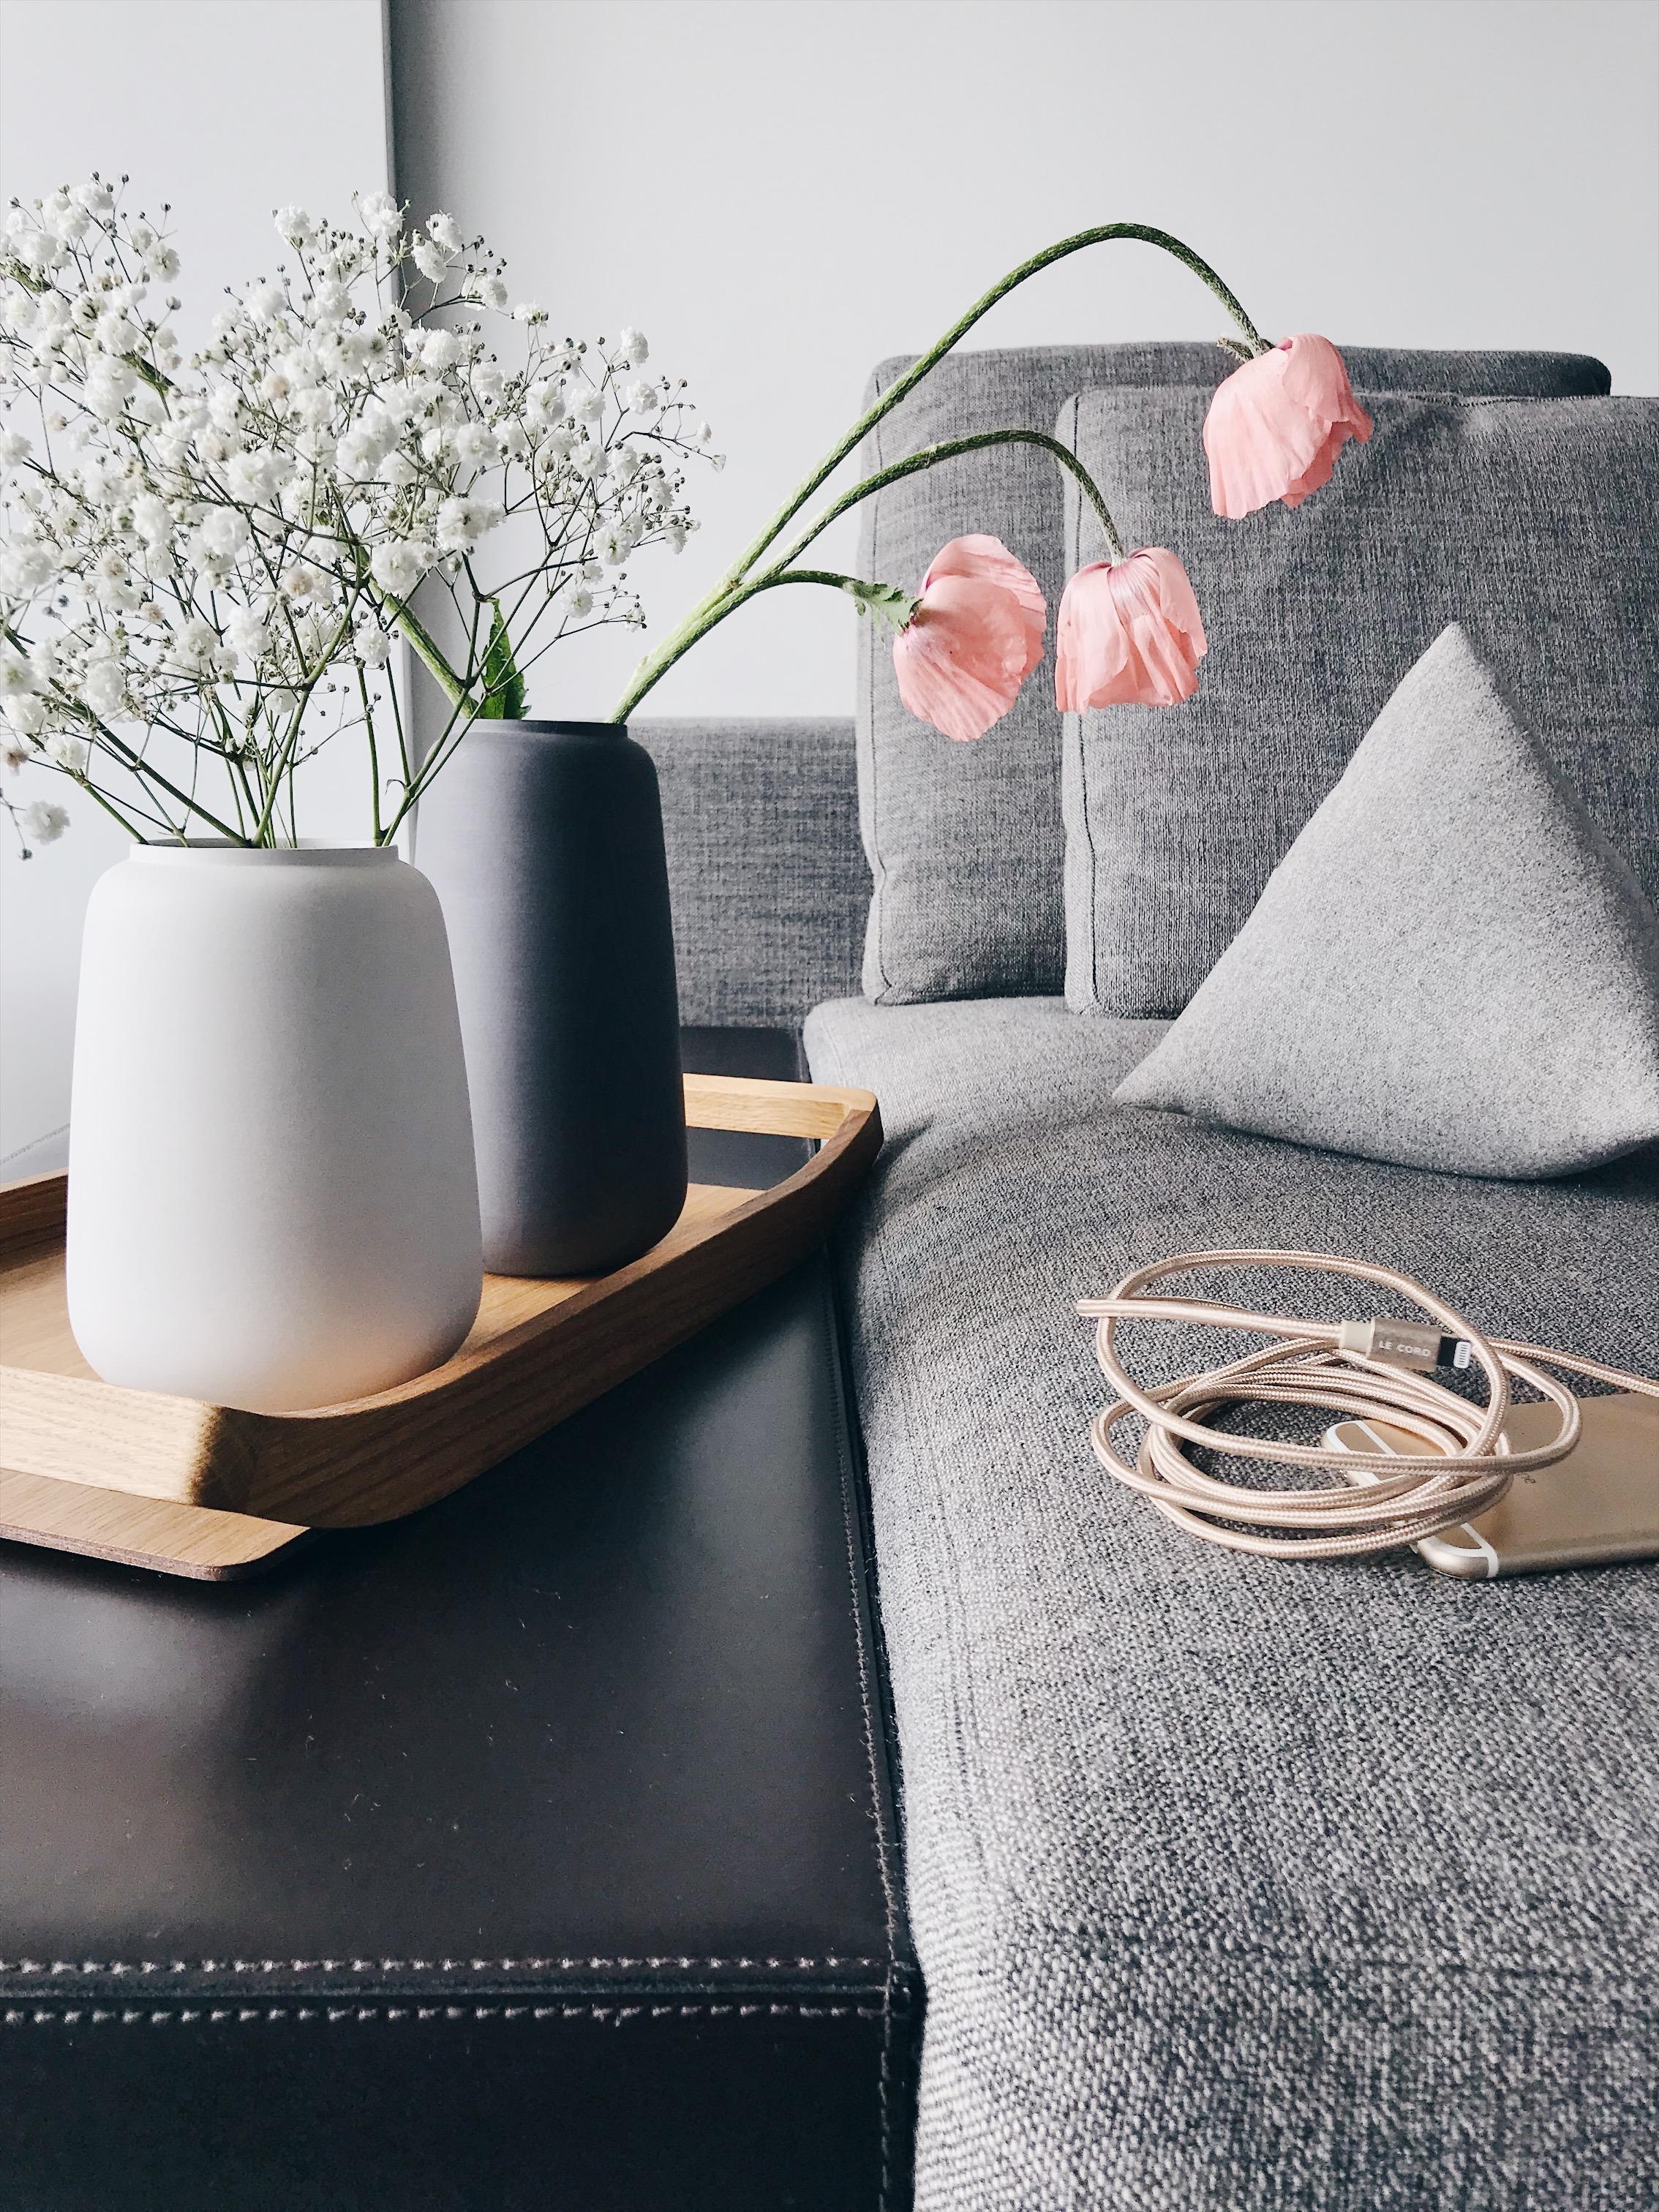 Großartig Mein Sofa Und Meine Lieblingsvasen Mit Rosa Mohn... #dittefischer #sofa #